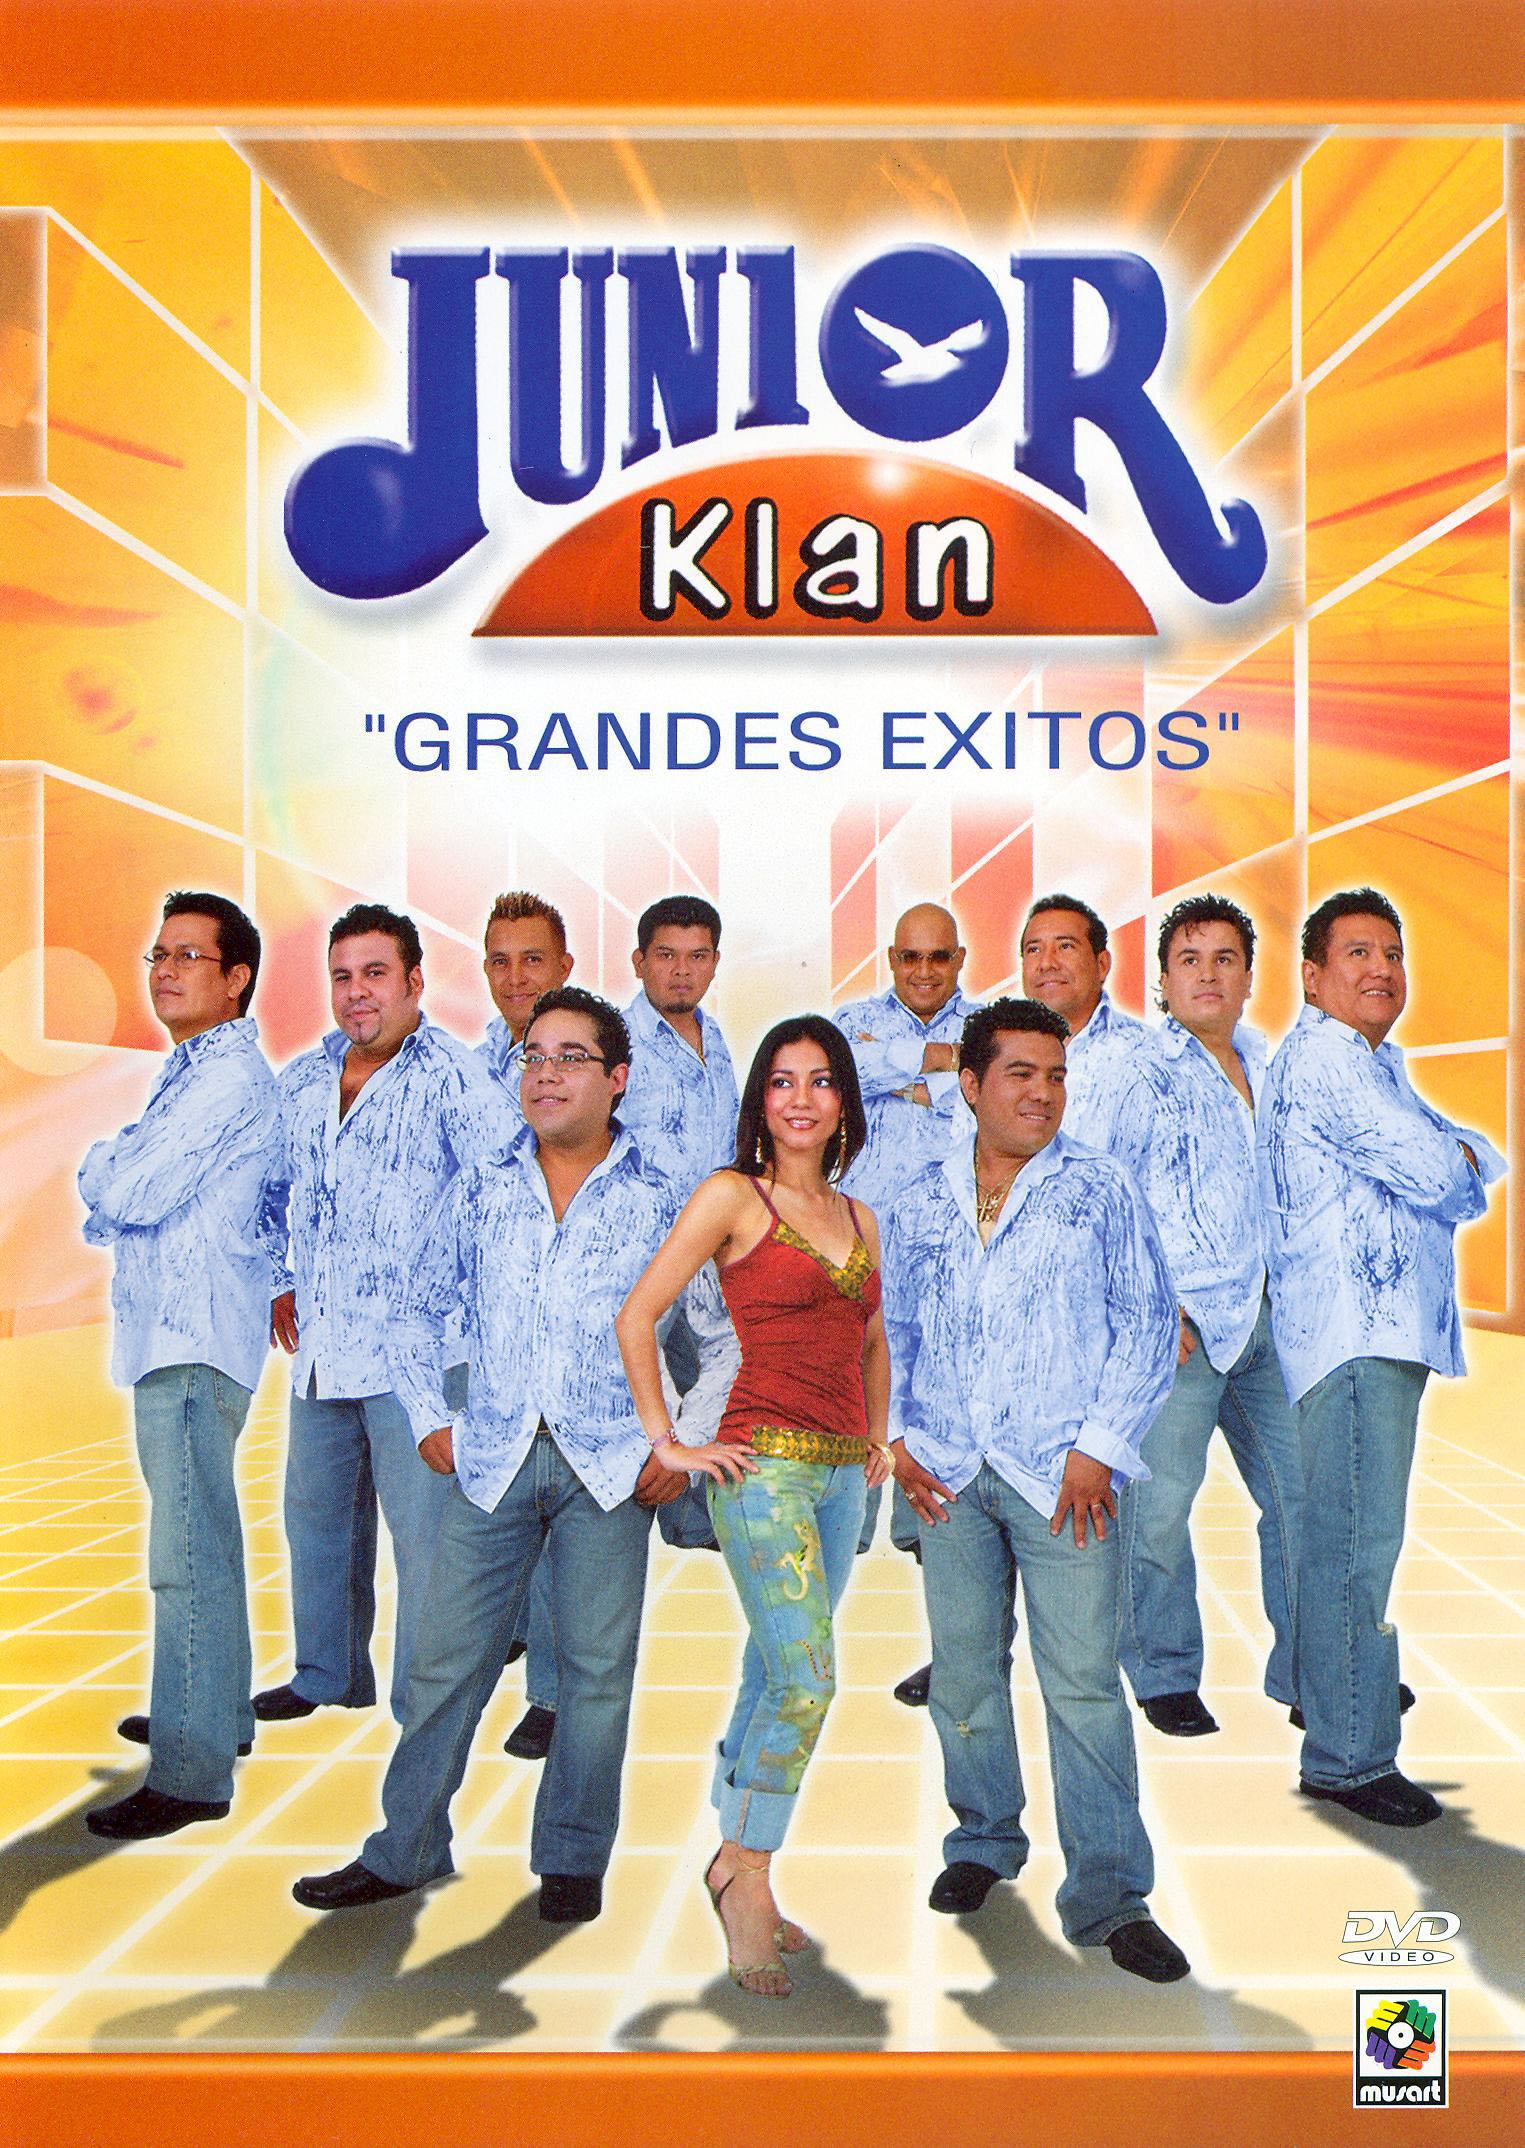 Junior Klan: Grandes Exitos